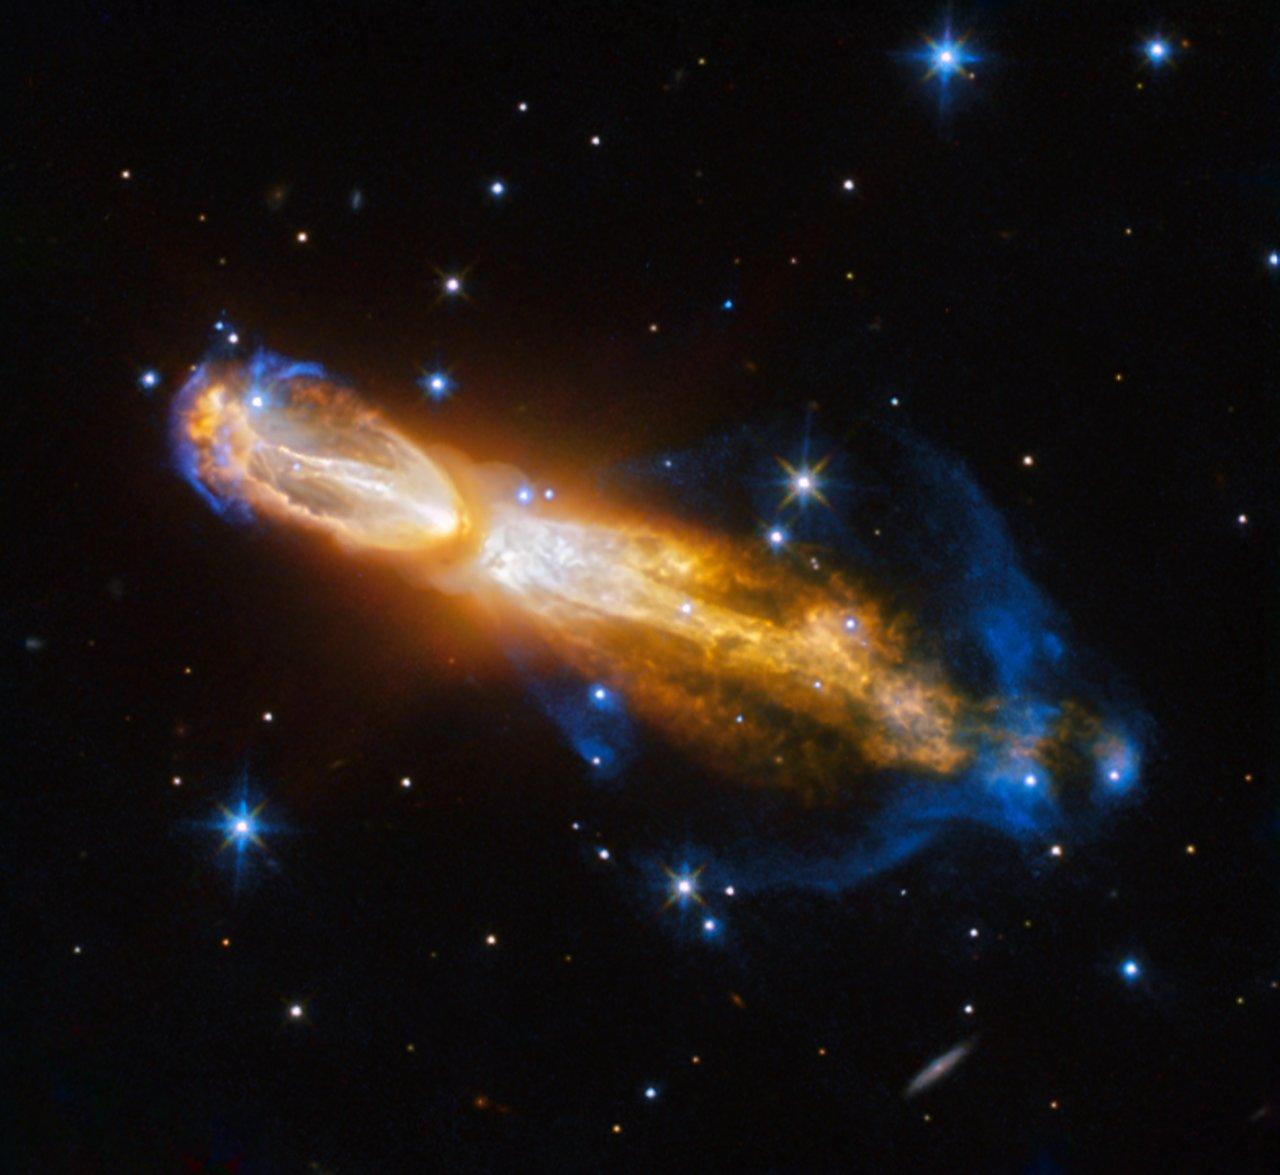 Śmierć gwiazdy w mgławicy Tykwa uwieczniona na zdjęciu Kosmicznego Teleskopu Hubble'a.